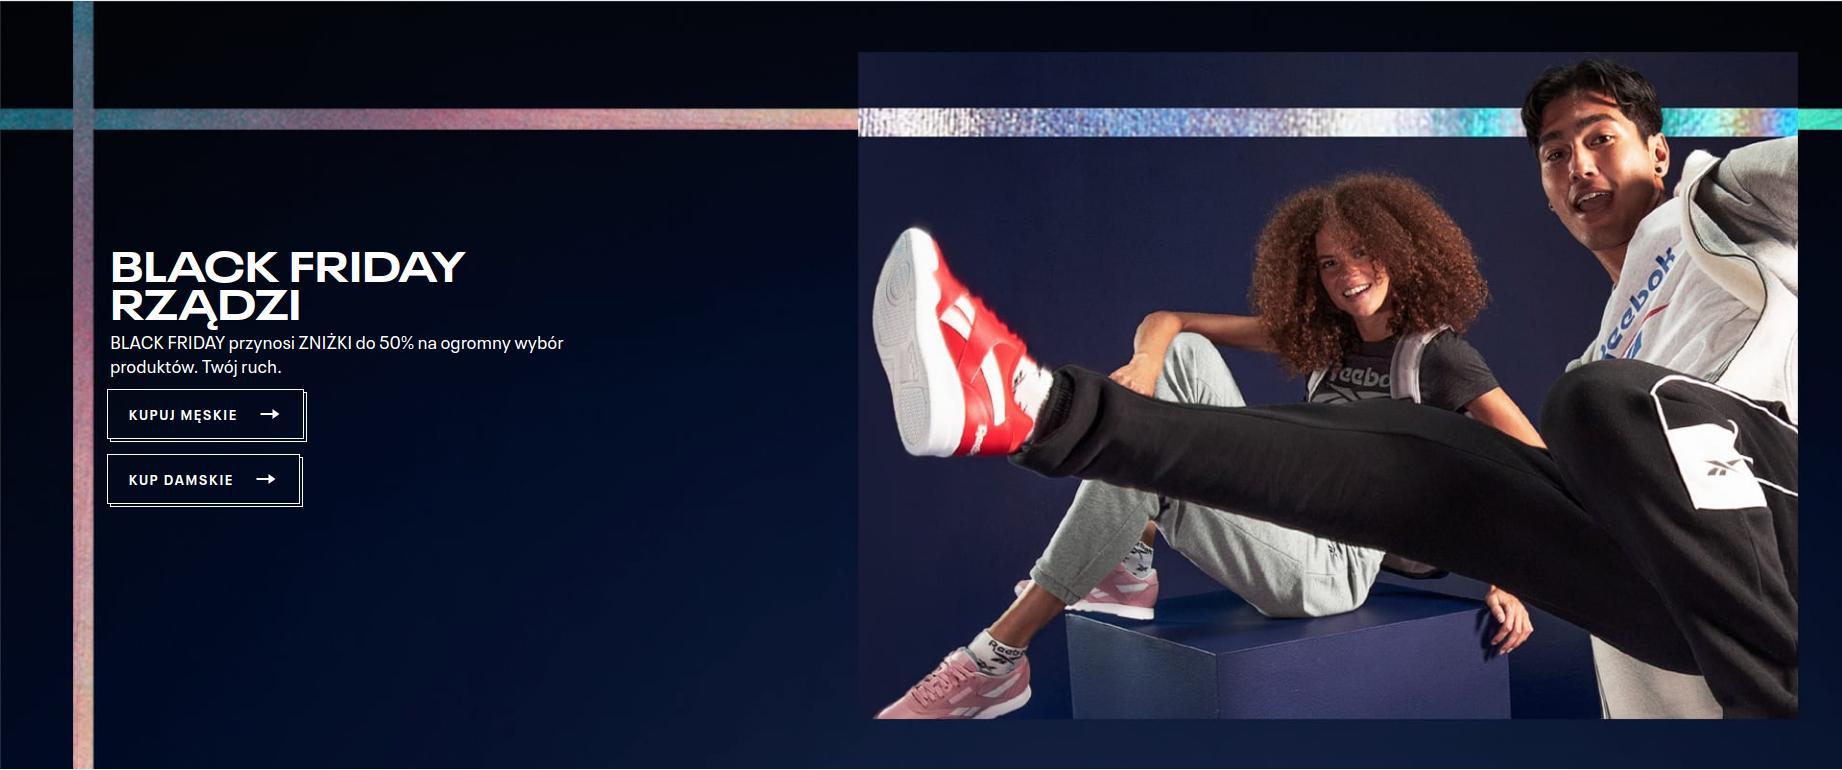 Reebok: Black Friday do 50% zniżki na buty, odzież i akcesoria sportowe Reebok